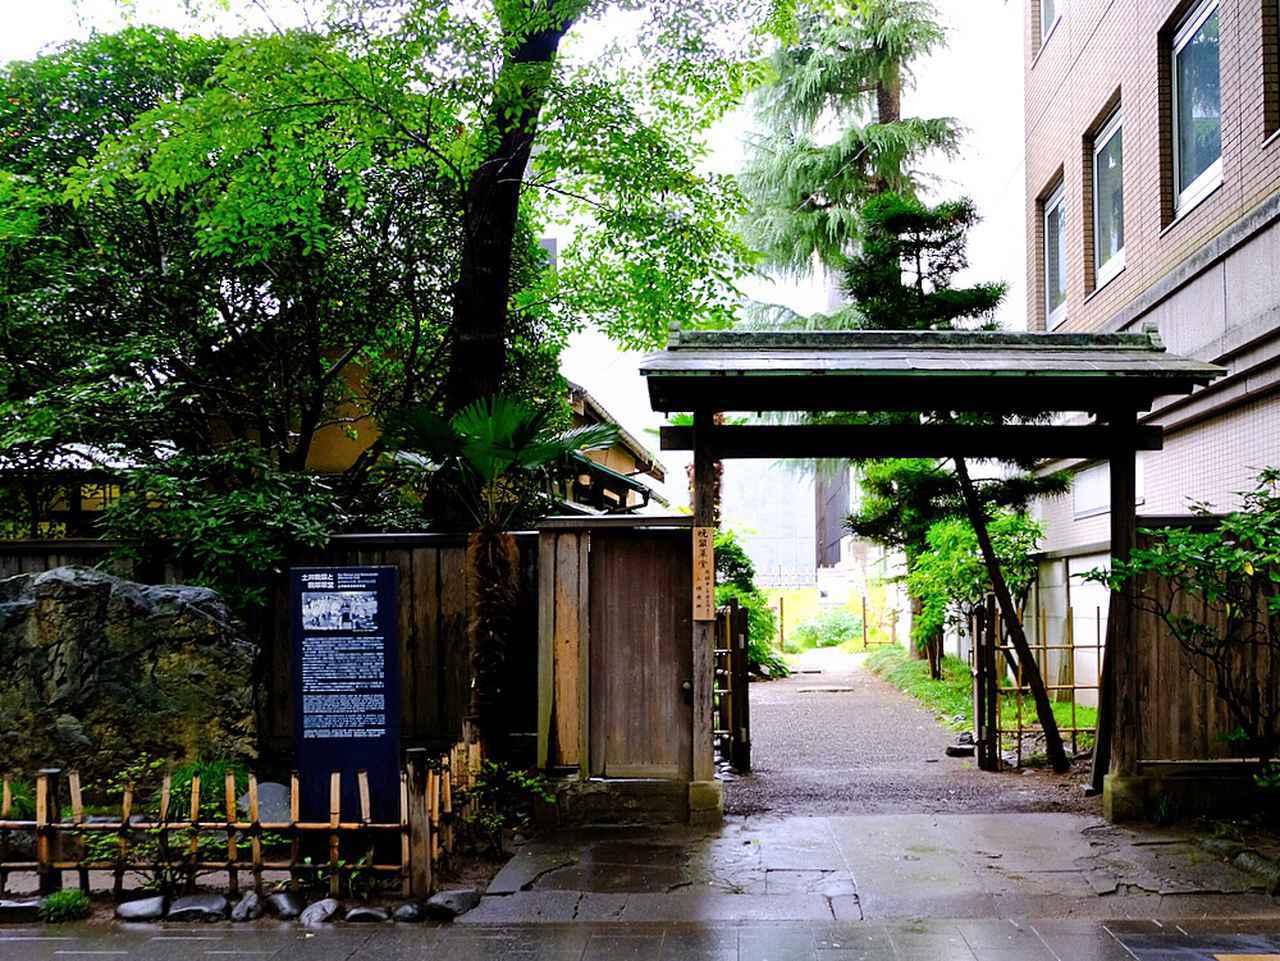 画像: 最初の降車は「晩翠草堂前」。土井晩翠の旧宅です。青葉通り沿いの、大都会のビルの谷間のような場所に突然現れる史跡で、詩人・英文学者であった土井晩翠の邸宅跡です。